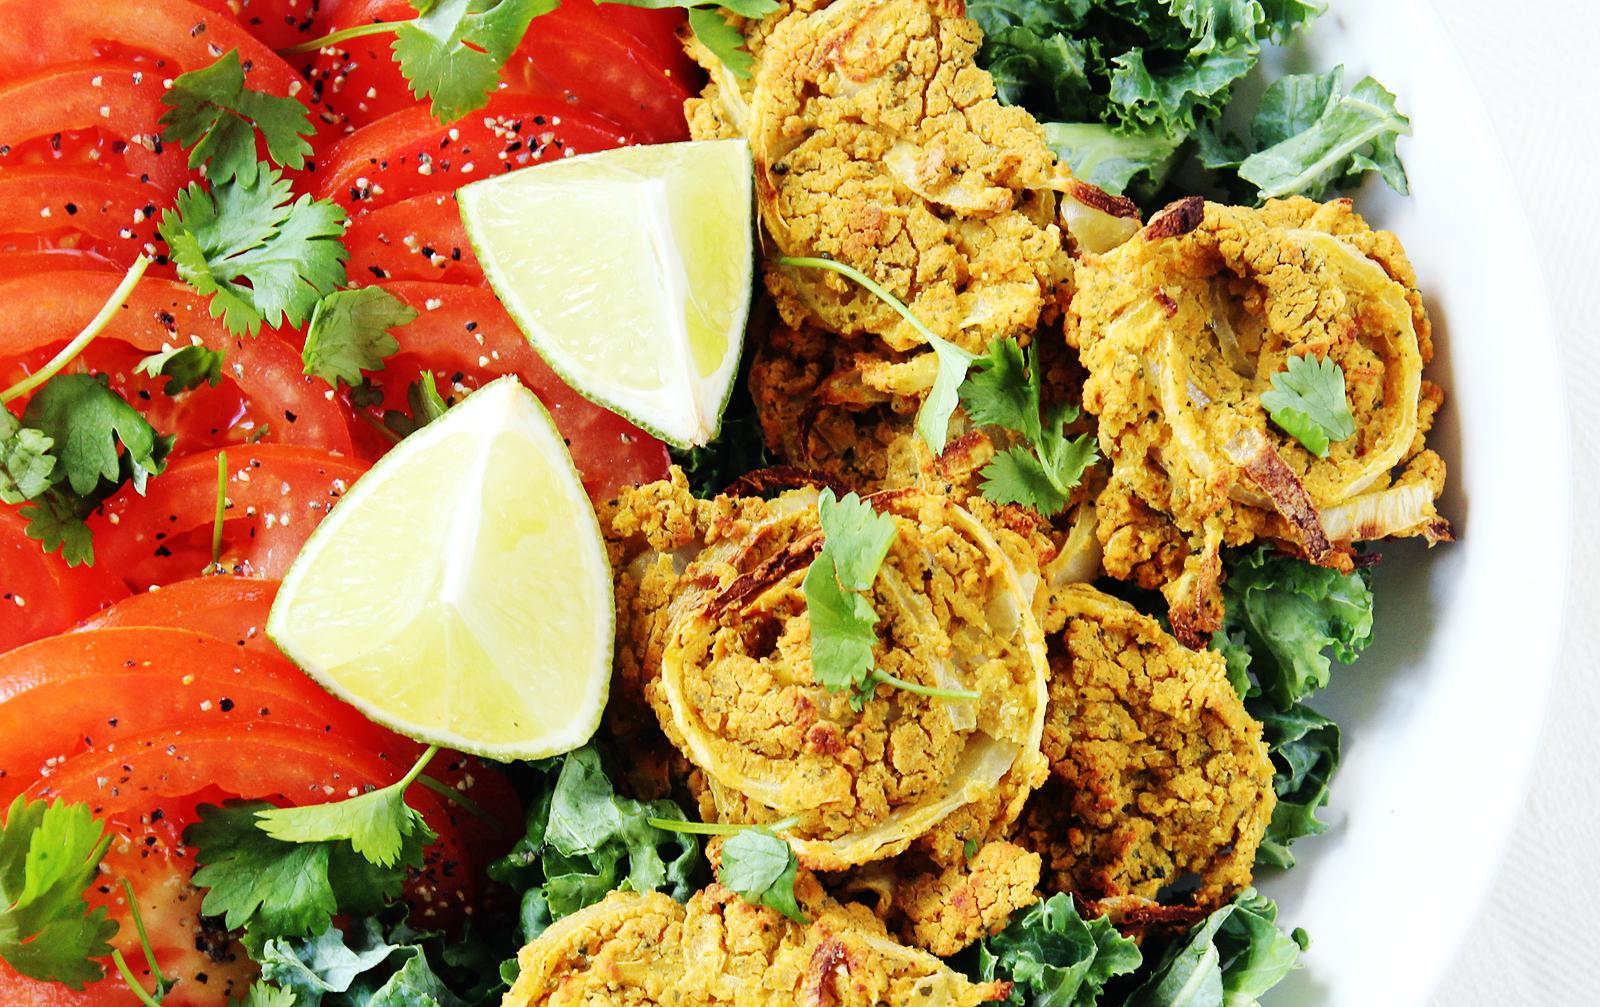 Spicy Chipotle Onion Pucks [Vegan, Gluten-Free]